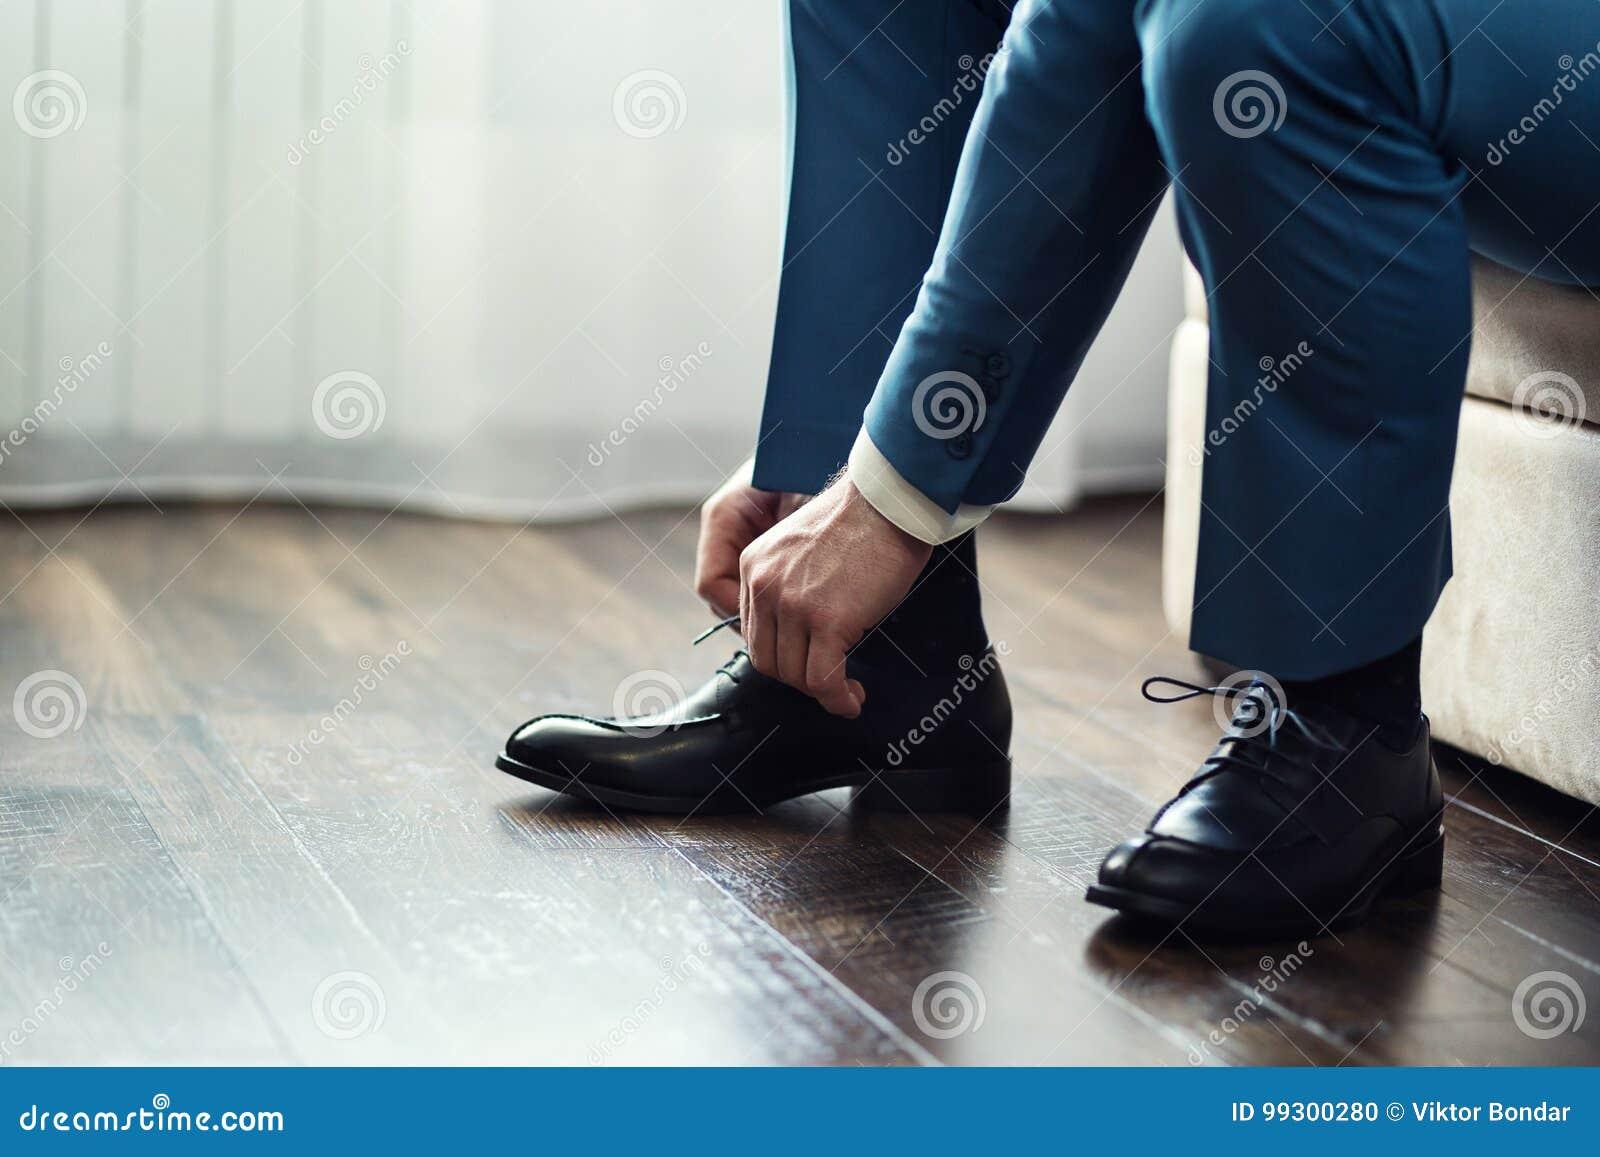 Man Fashion Men S Accessories Businessman Clothes Shoes